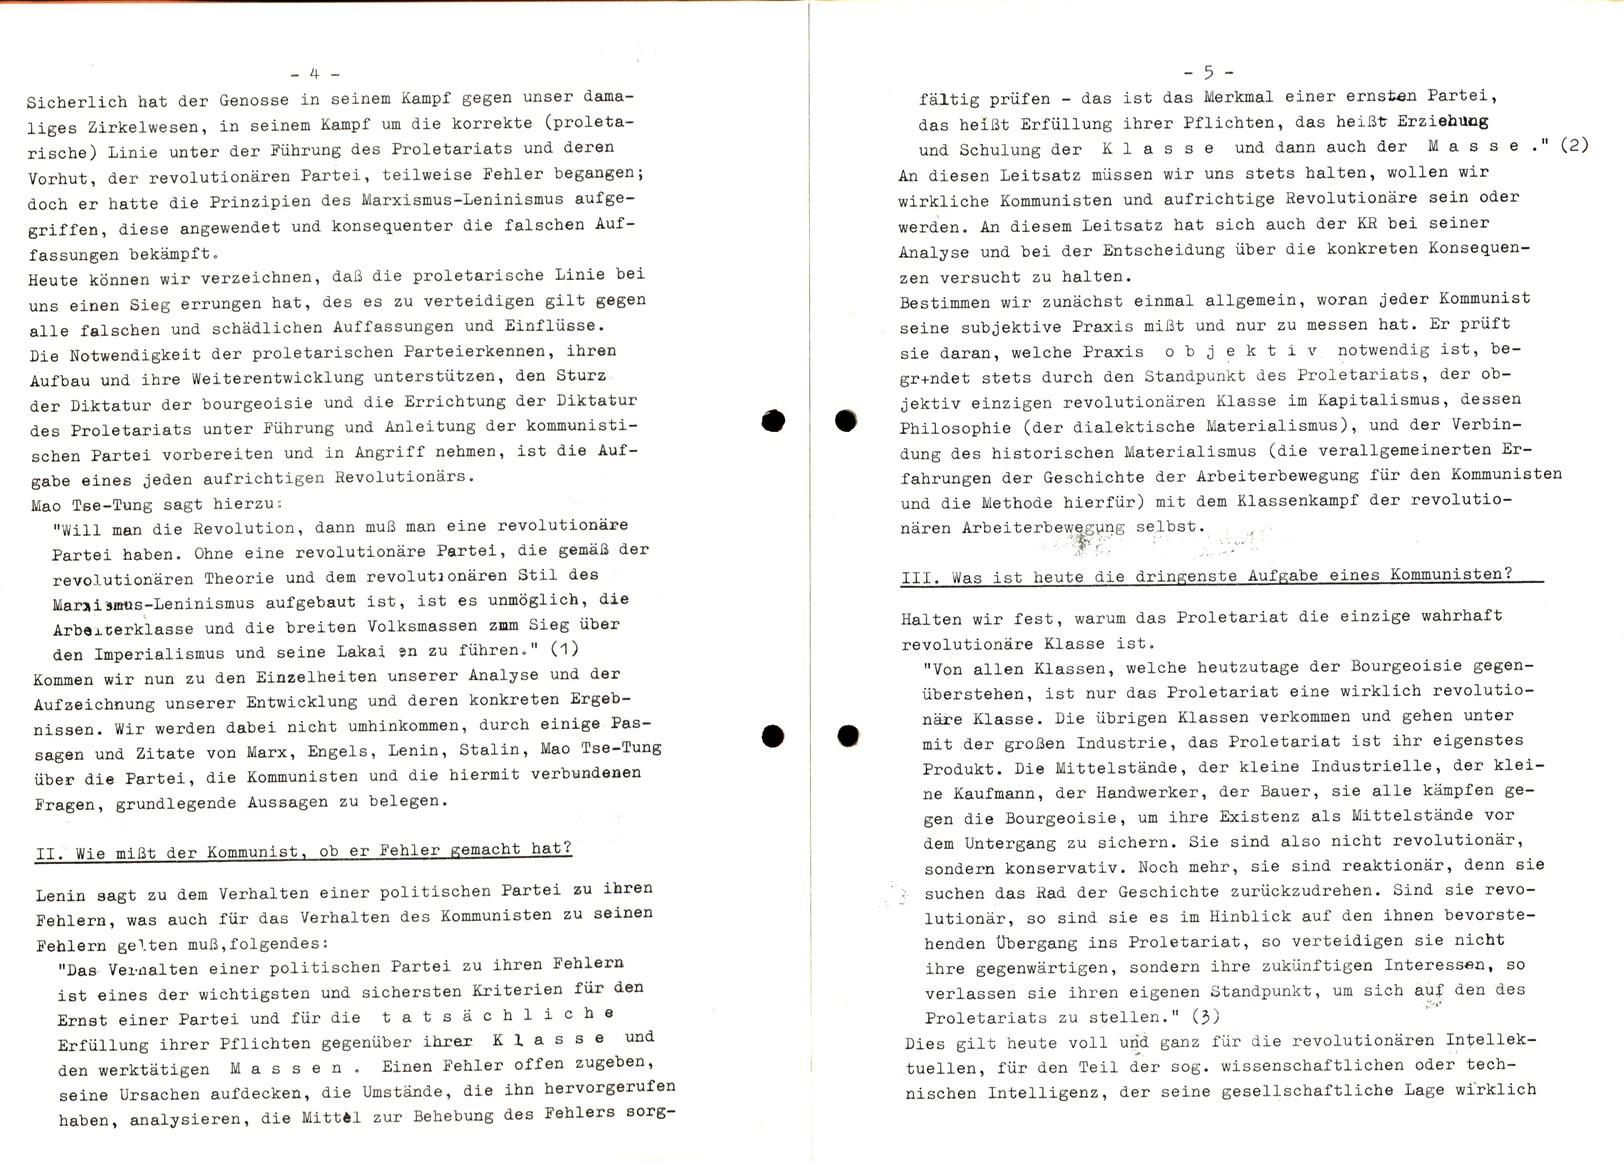 Aachen_KSBML_1971_Selbstkritik_04